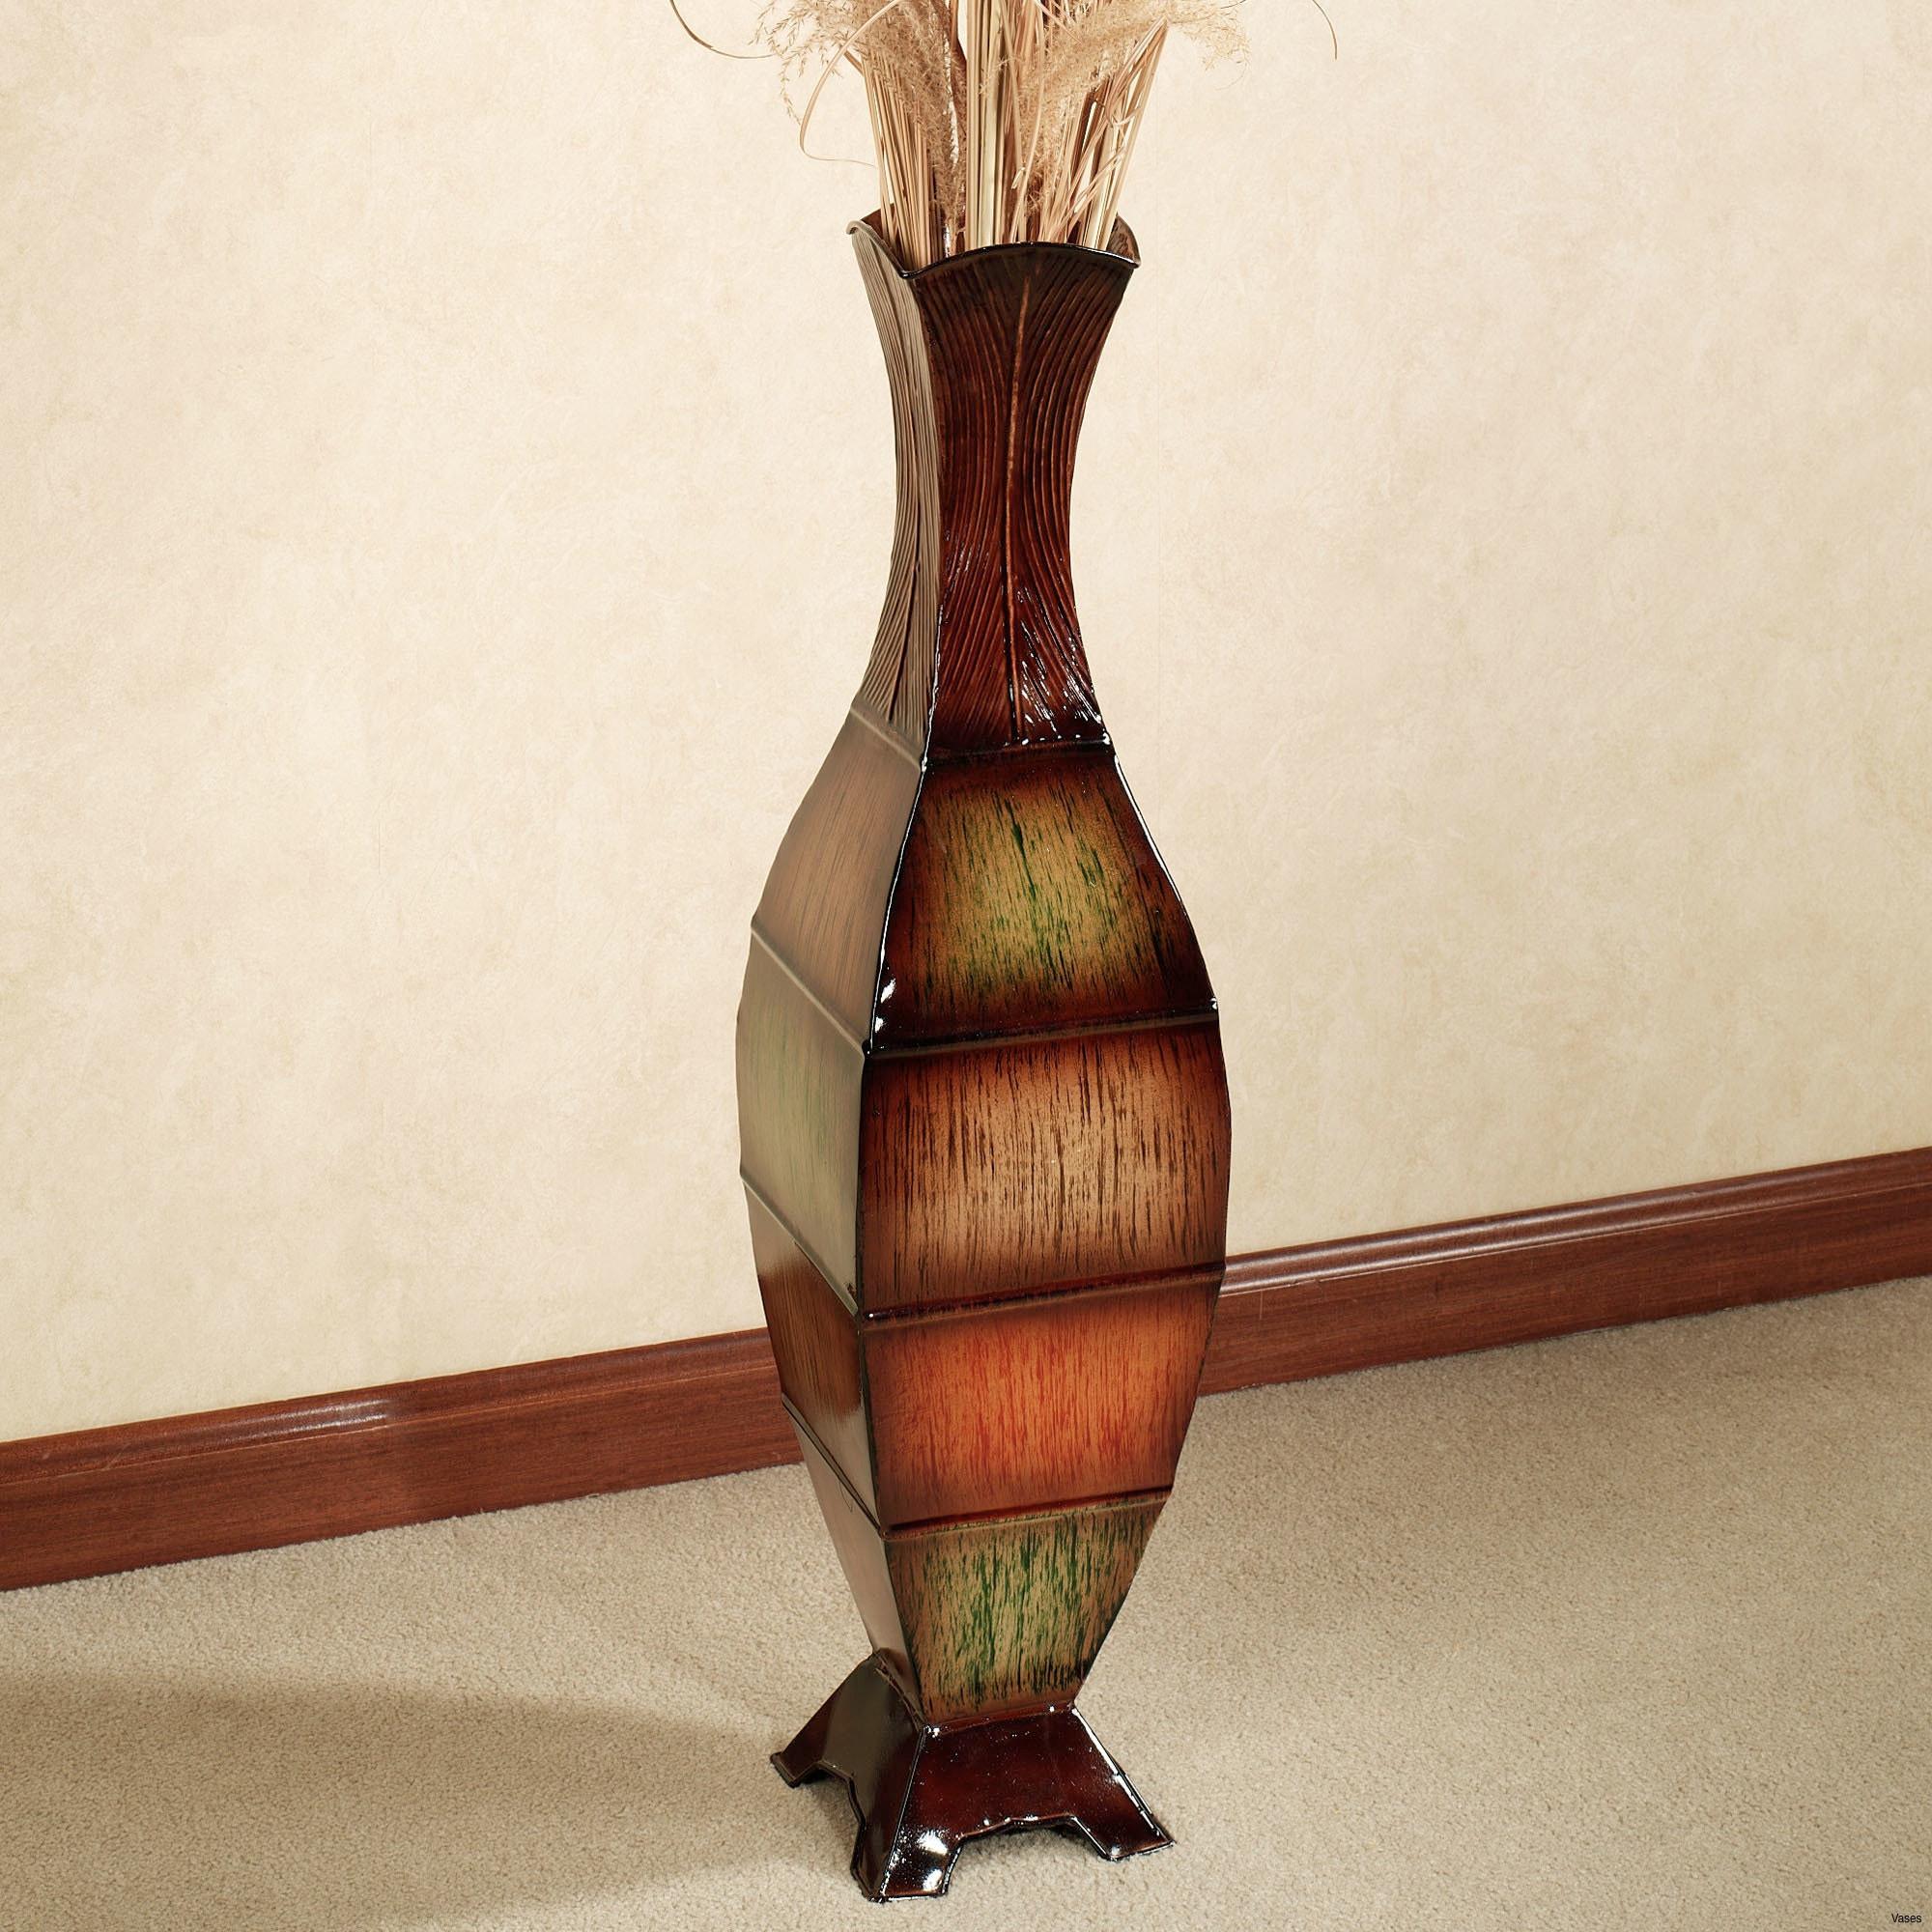 bamboo floor vases cheap of 10 best of bamboo vase bogekompresorturkiye com throughout lamps floor contemporary new luxury contemporary floor vasesh vases cheap vasesi 5d bamboo lamps floor